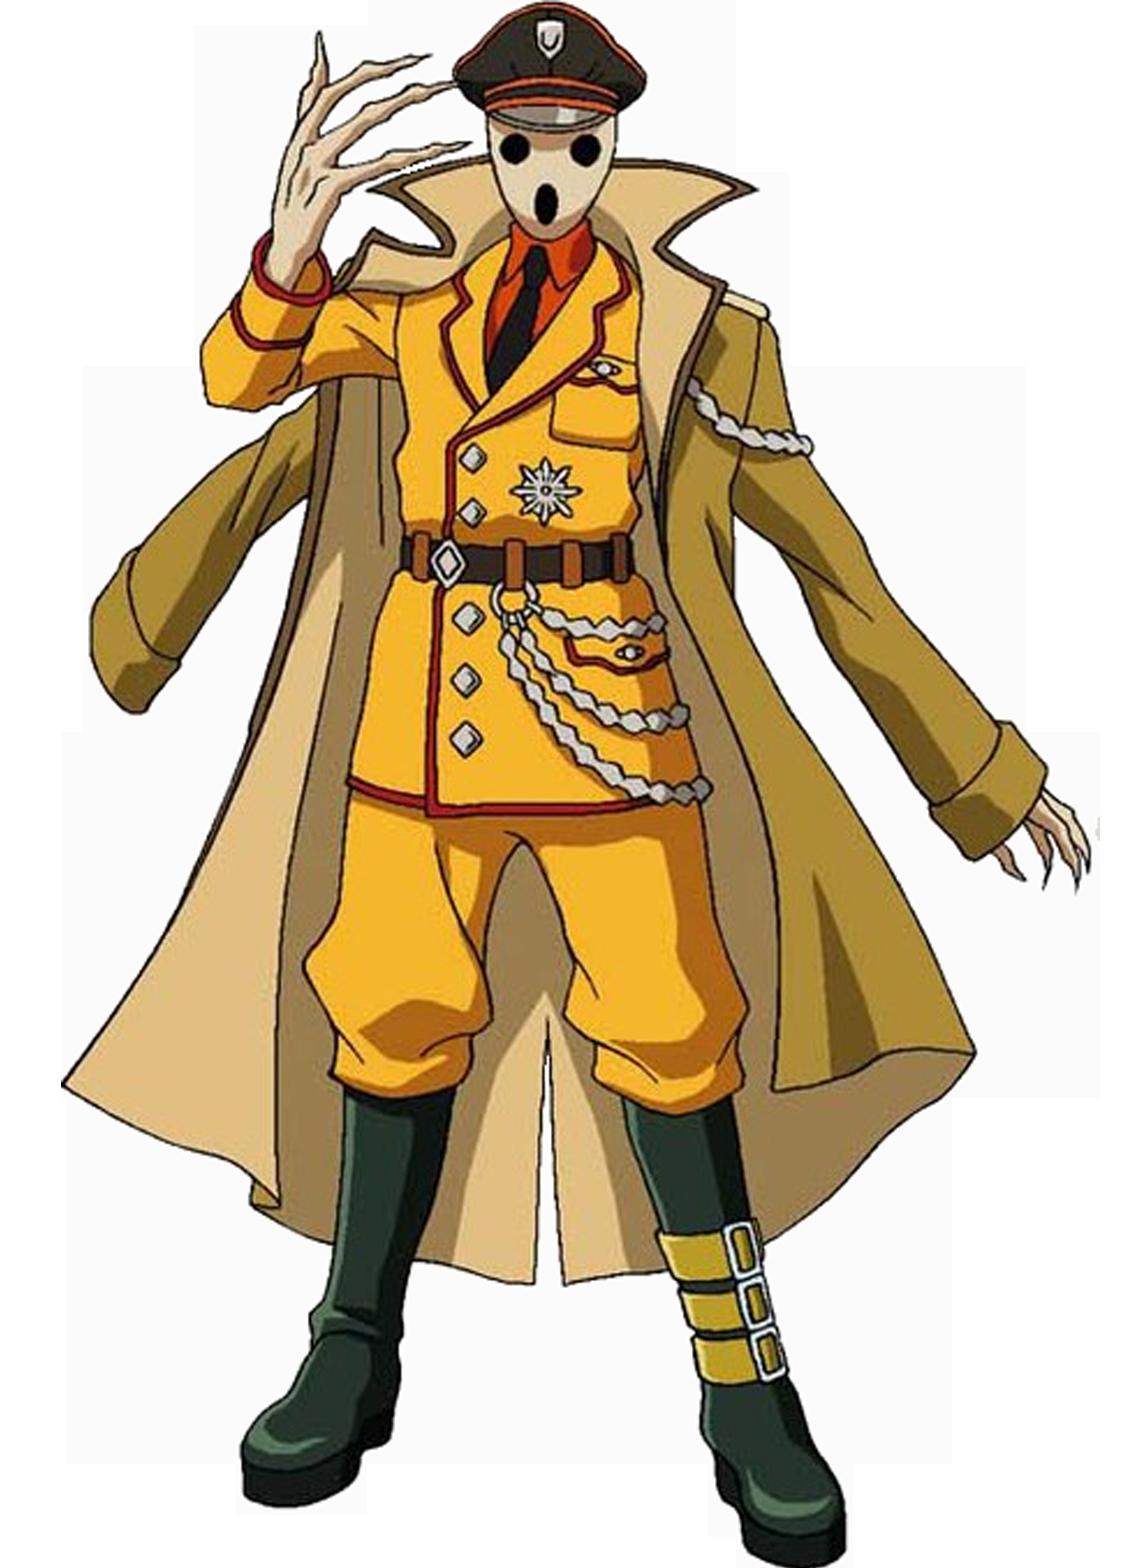 Ator de Pandora Overlord, Atrizes, Anime